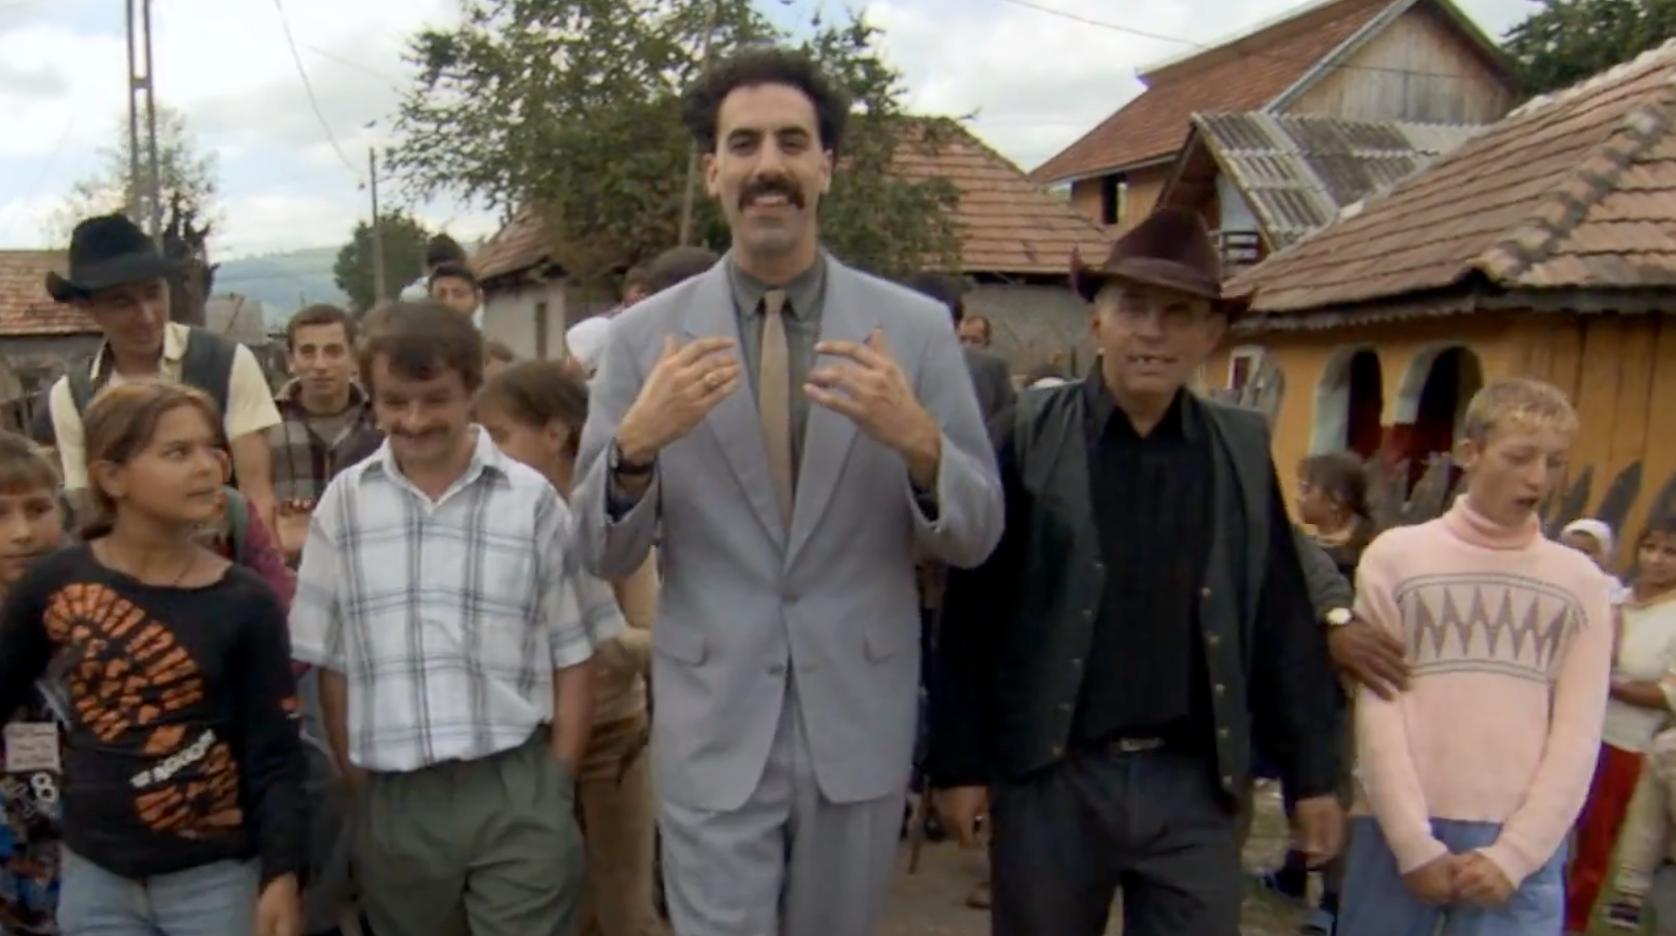 Борат-2: дата выхода и сюжет фильма о самом известном киноперсонаже из Казахстана